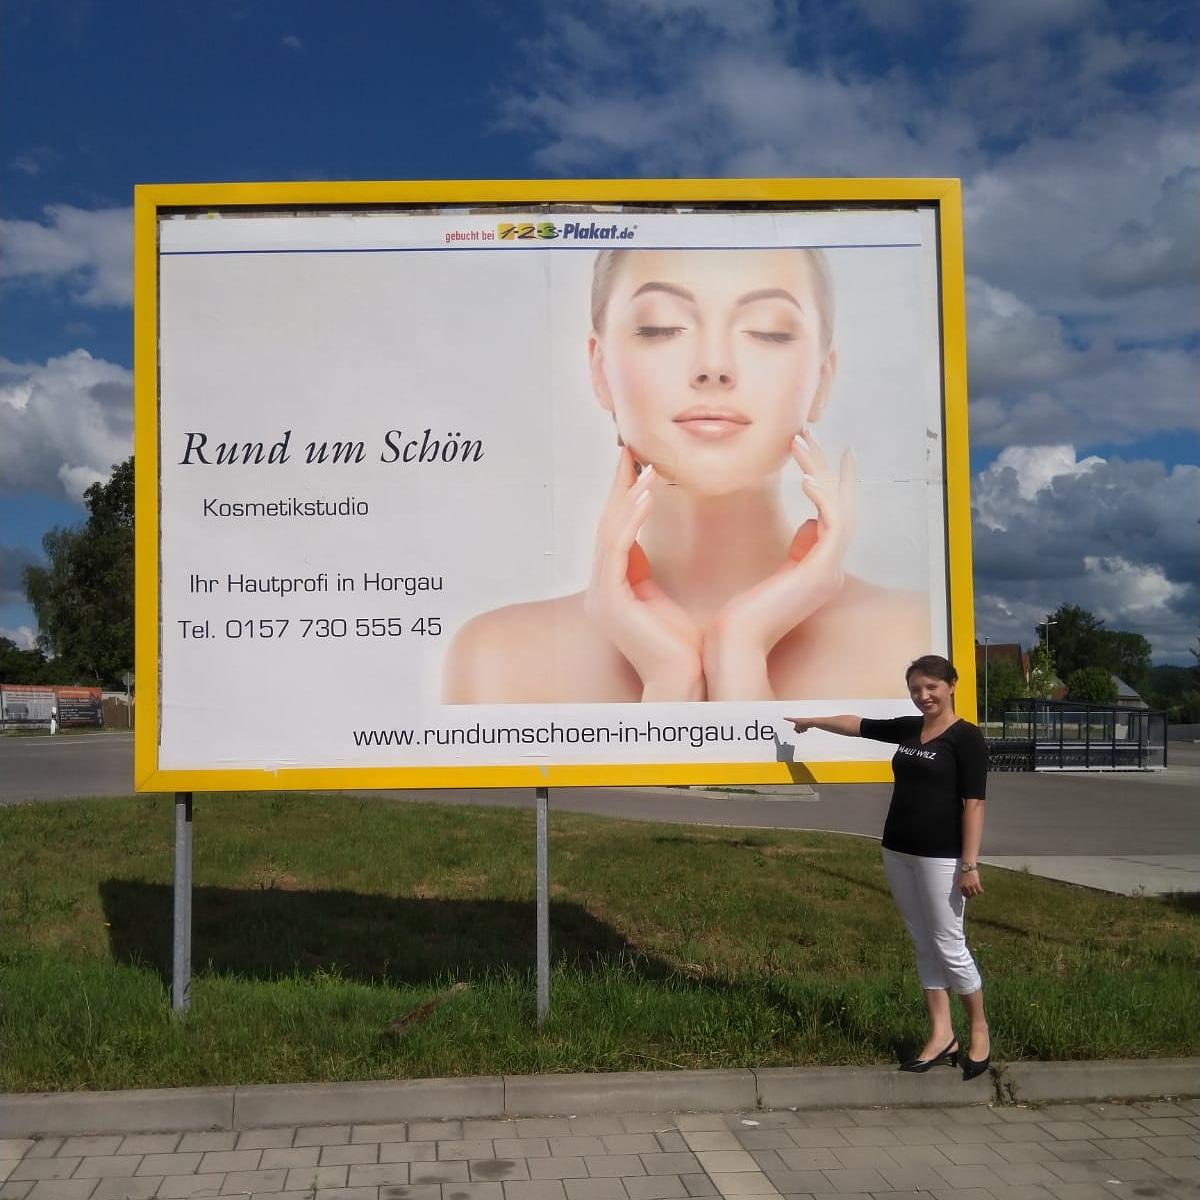 Werbung in eigene Sache :-)